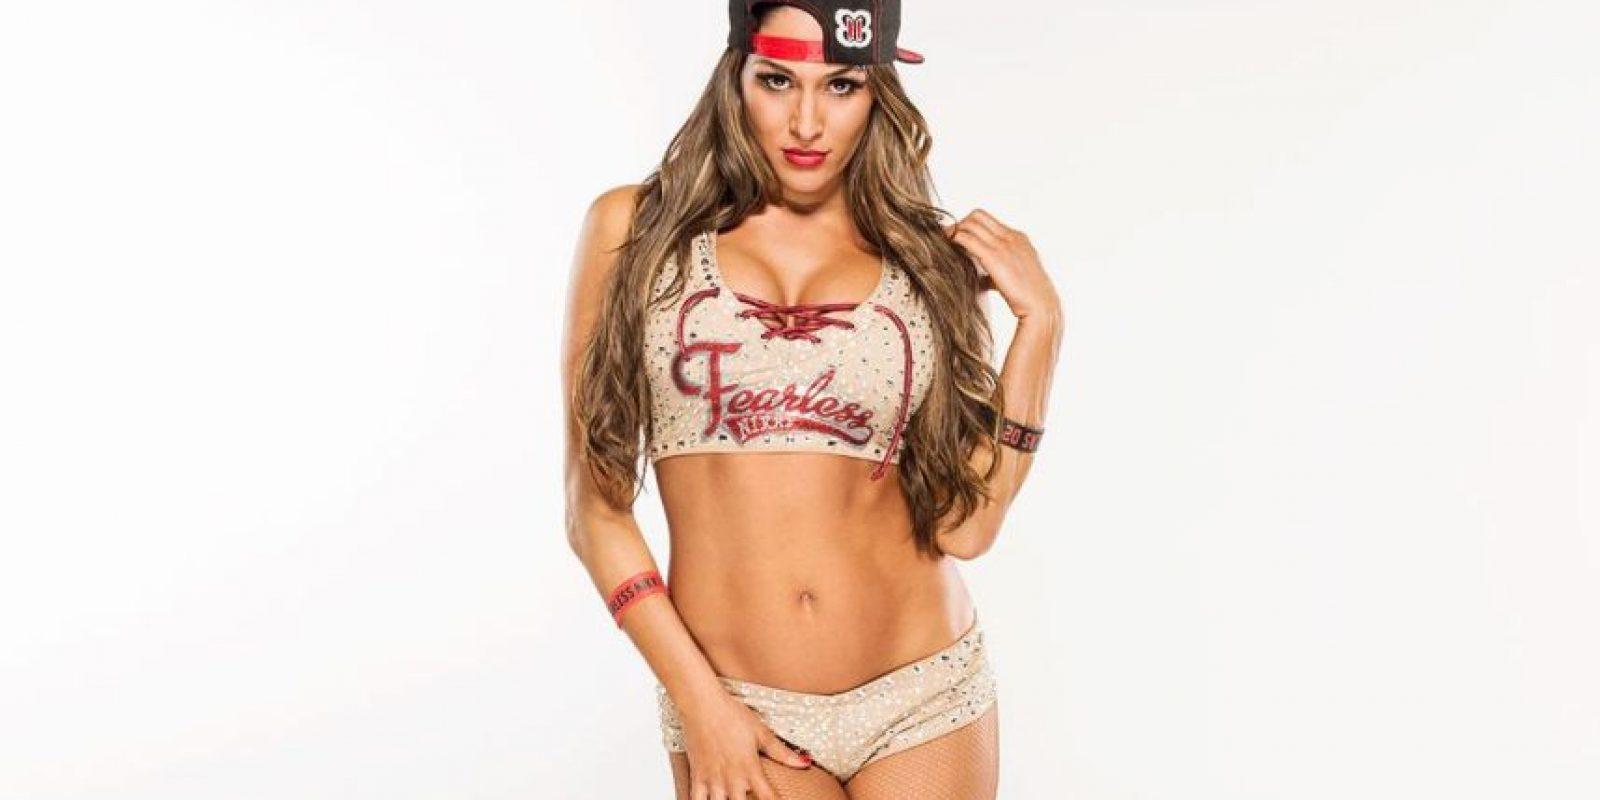 Con ello, Nikki llegó a 296 días de reinado y se convirtió en la diva con el reinado más largo en la historia de la WWE. Foto:WWE